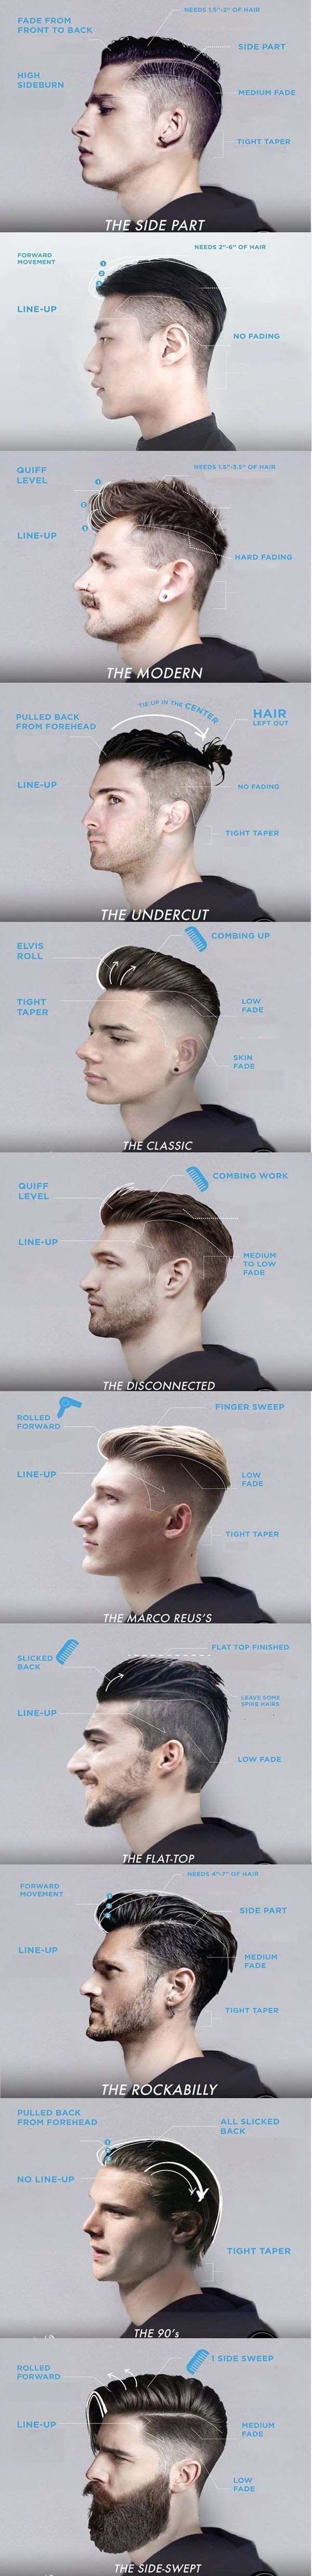 Men's Hairstyles 2017 Dashing #menshairstyles2017